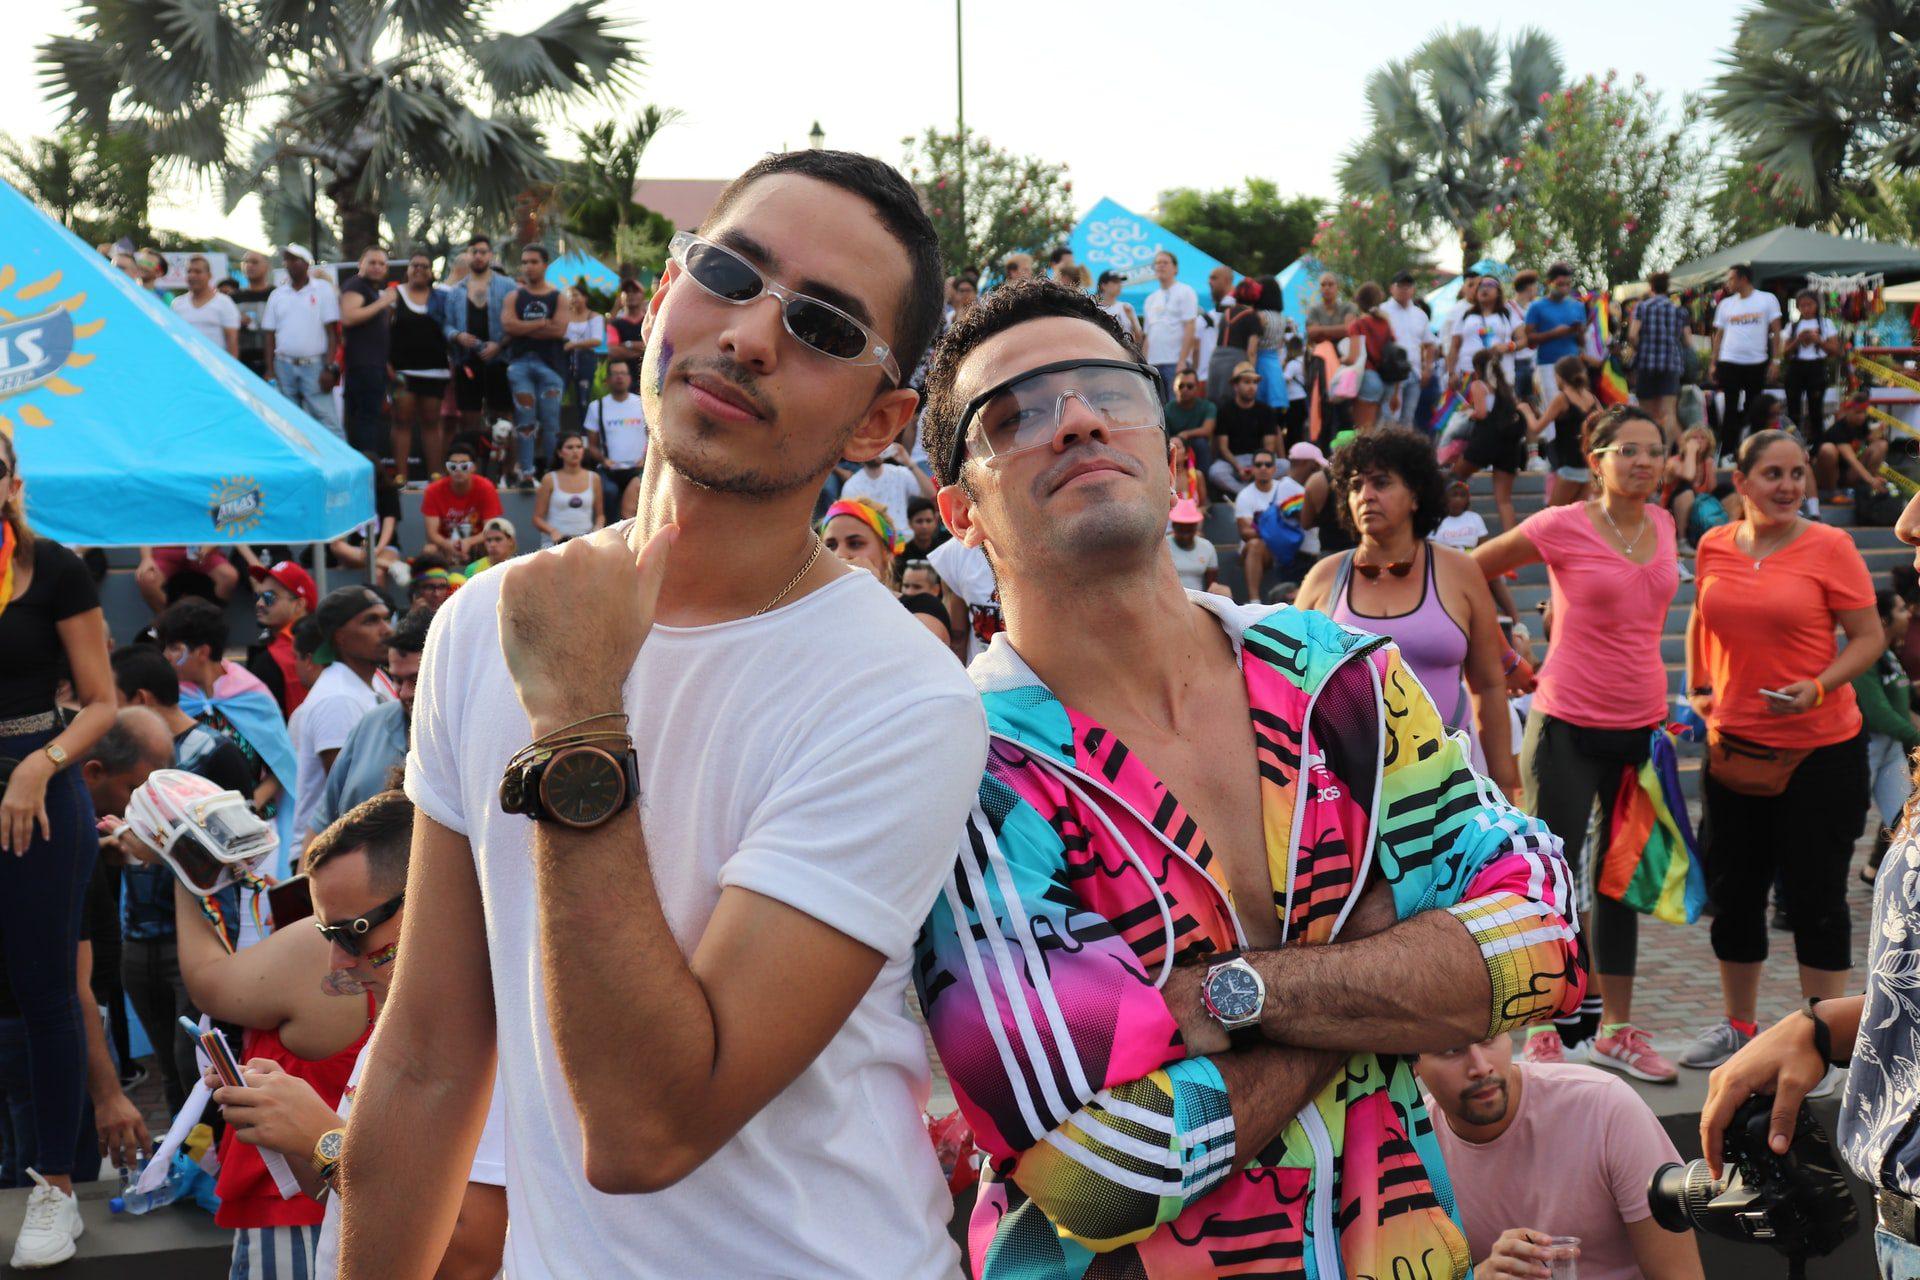 Le tourisme LGBT : deux astuces pour planifier vos voyages gays